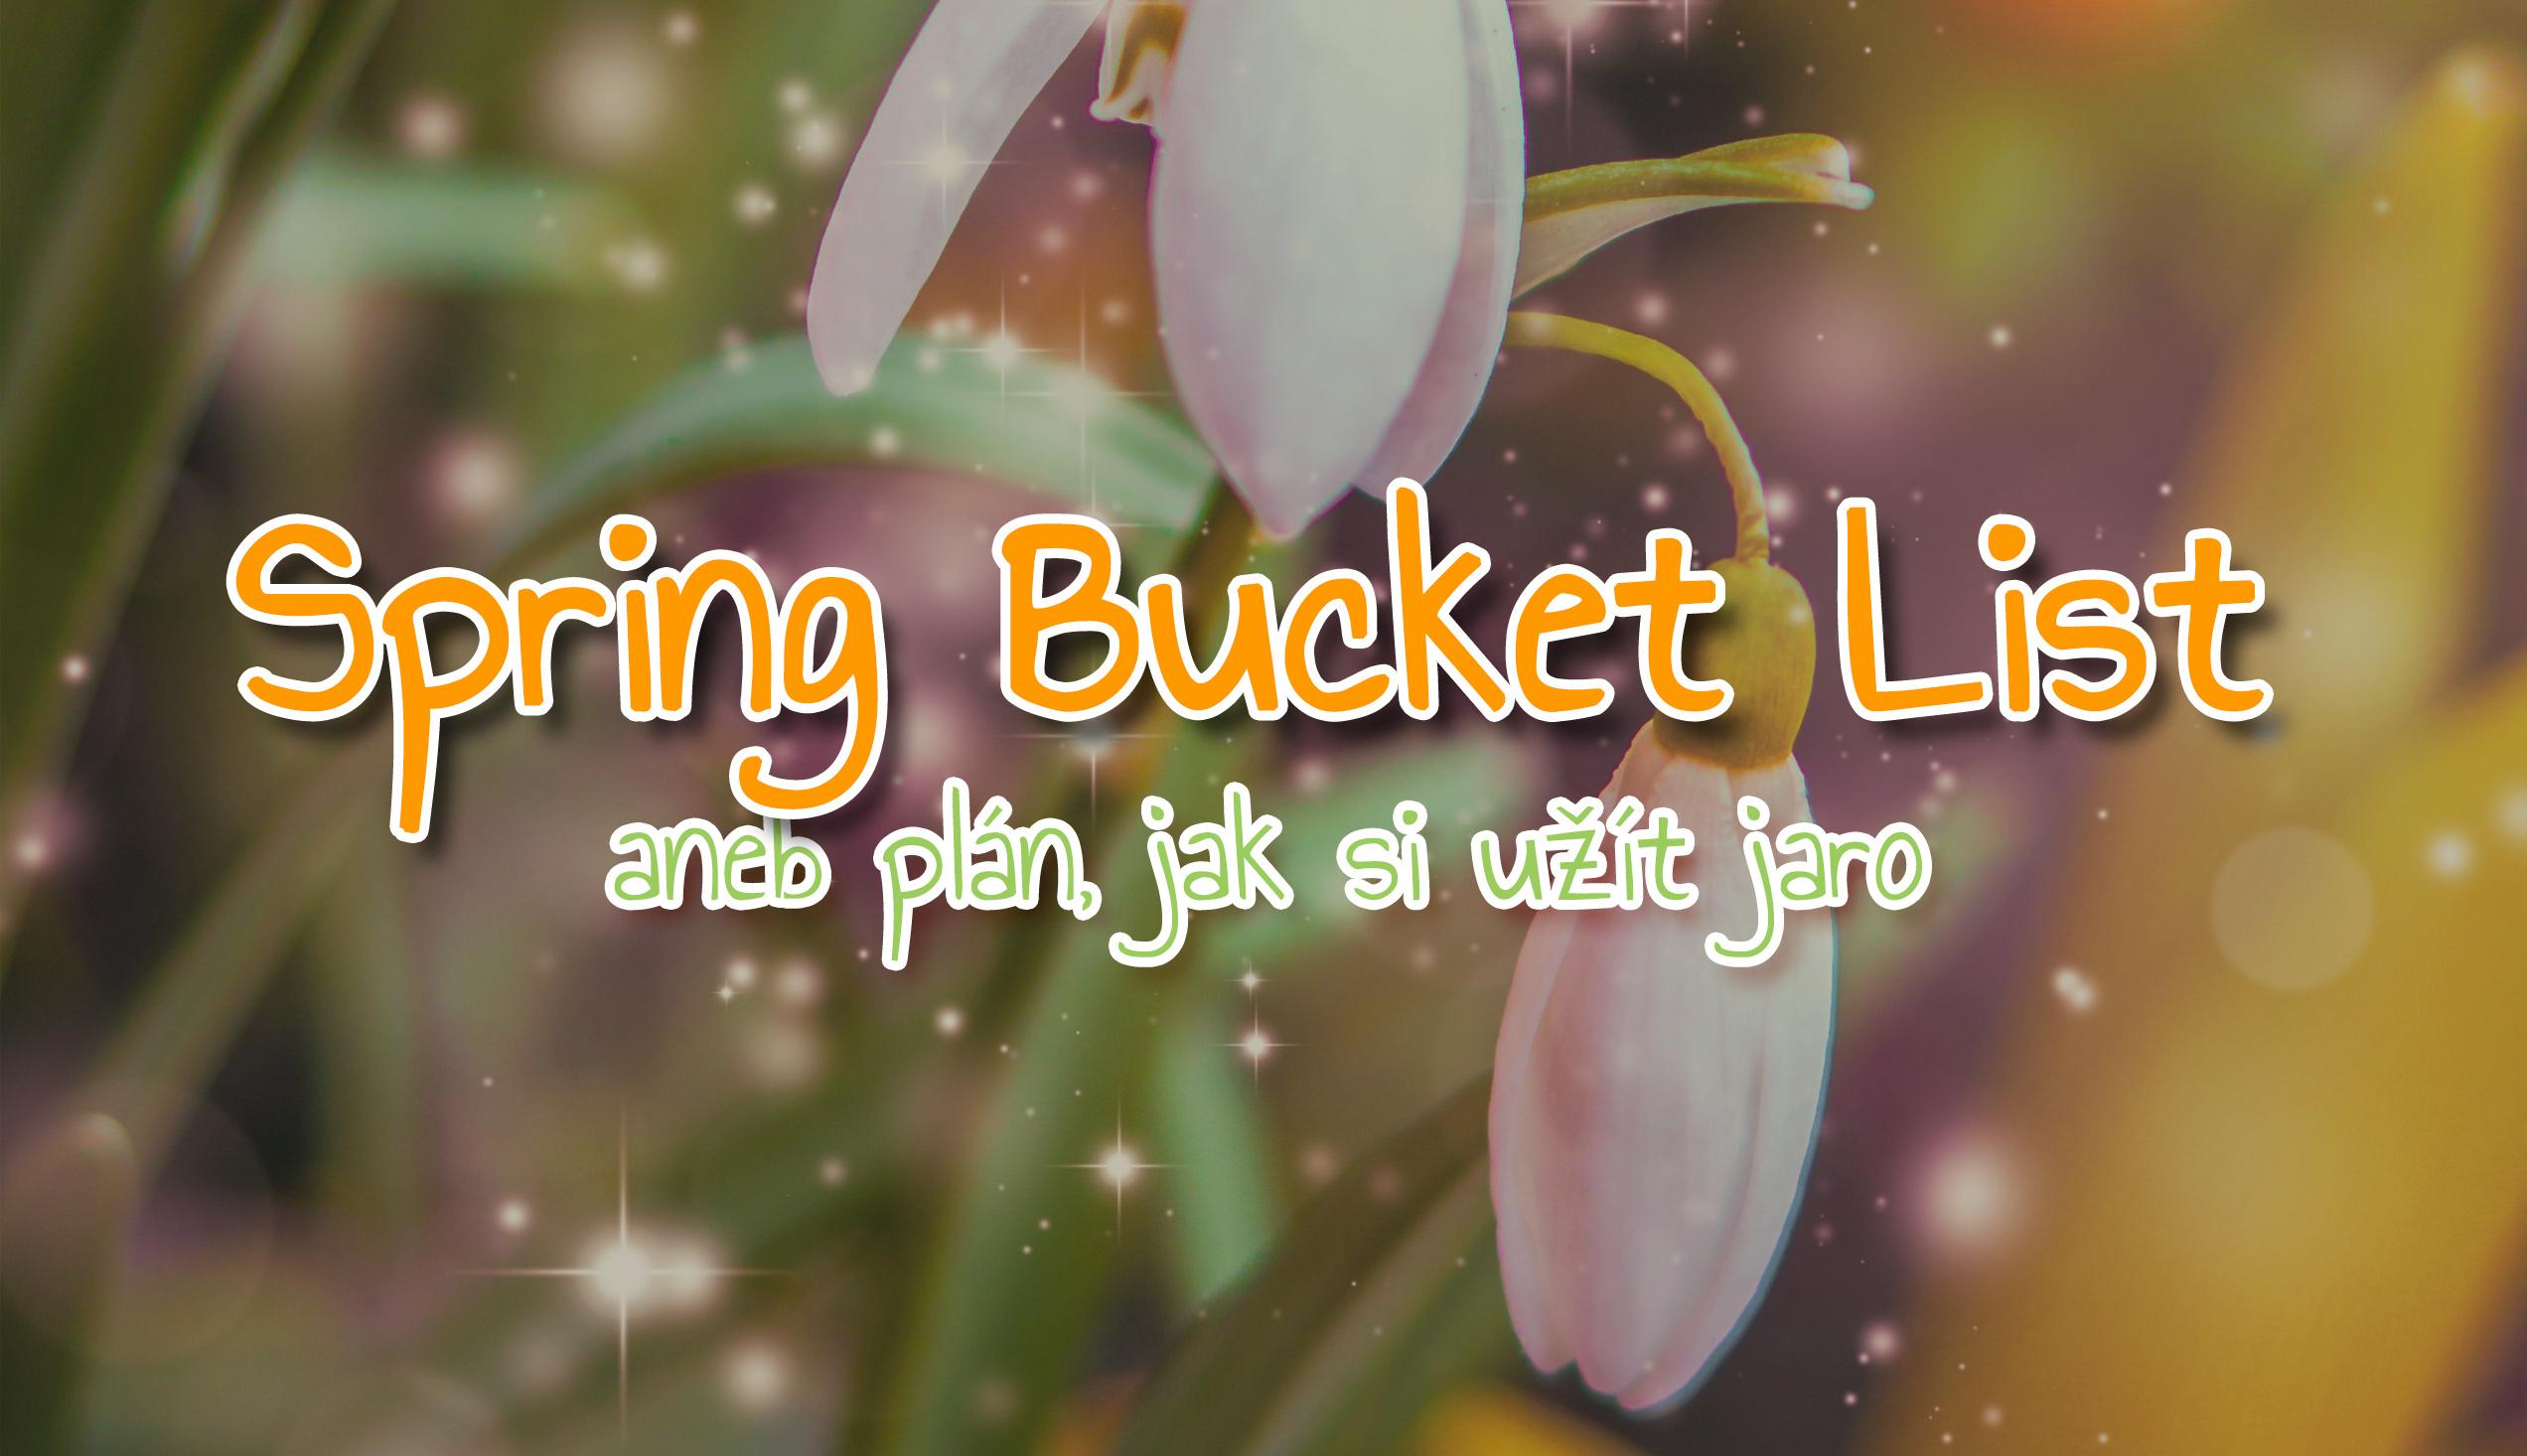 Spring Bucket List aneb plán, jak si užít jaro